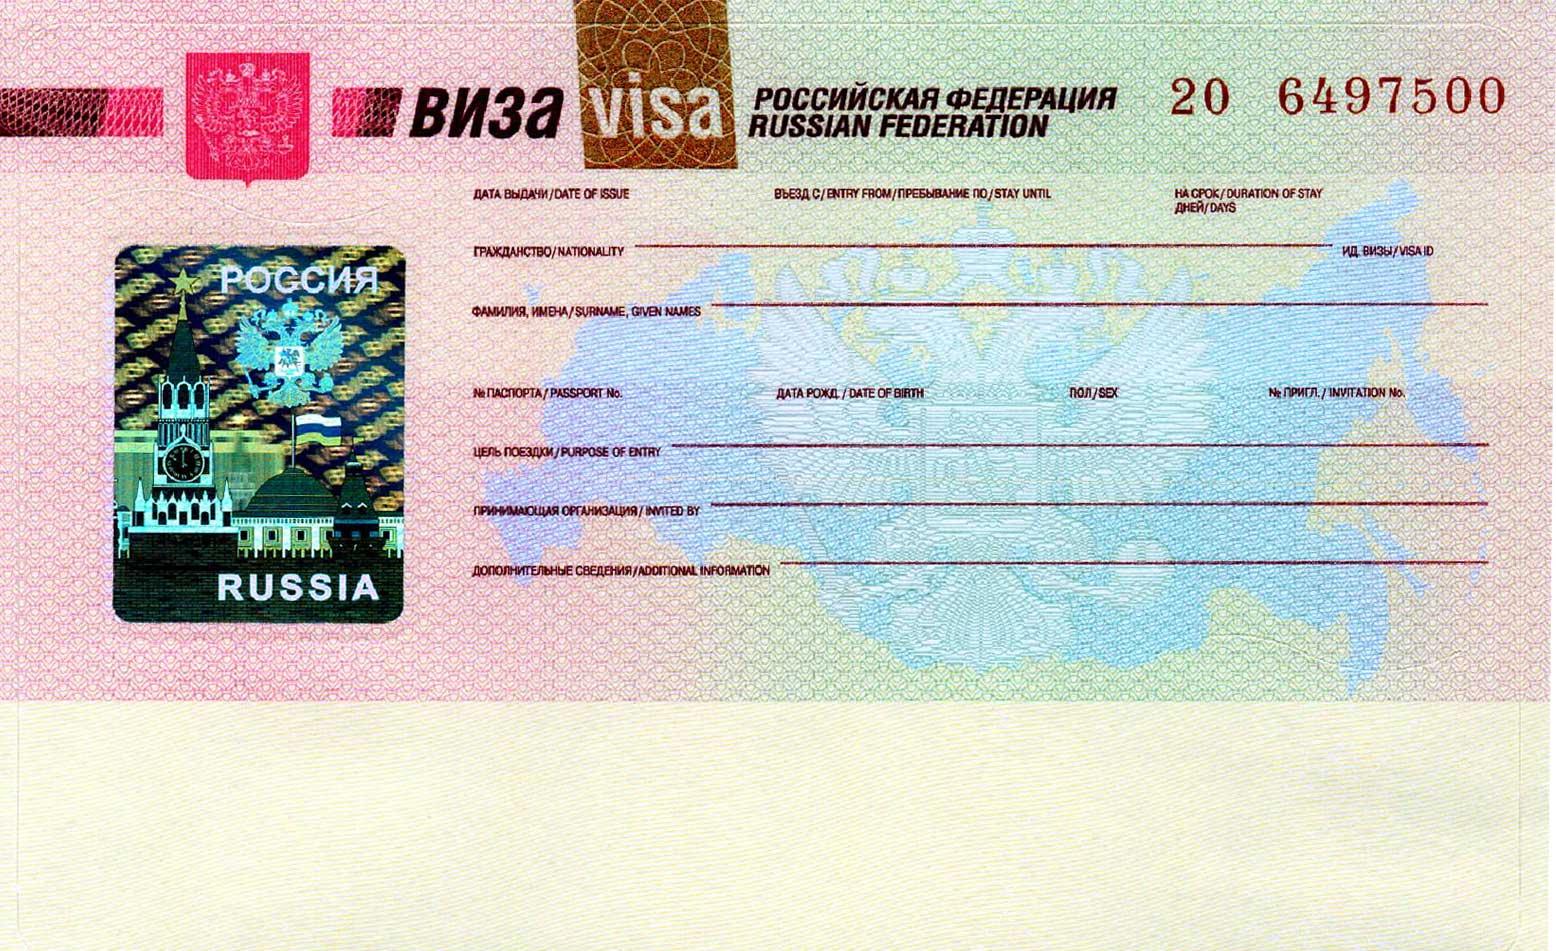 Туристическая виза в канаду: как получить её самостоятельно онлайн и через визовый центр